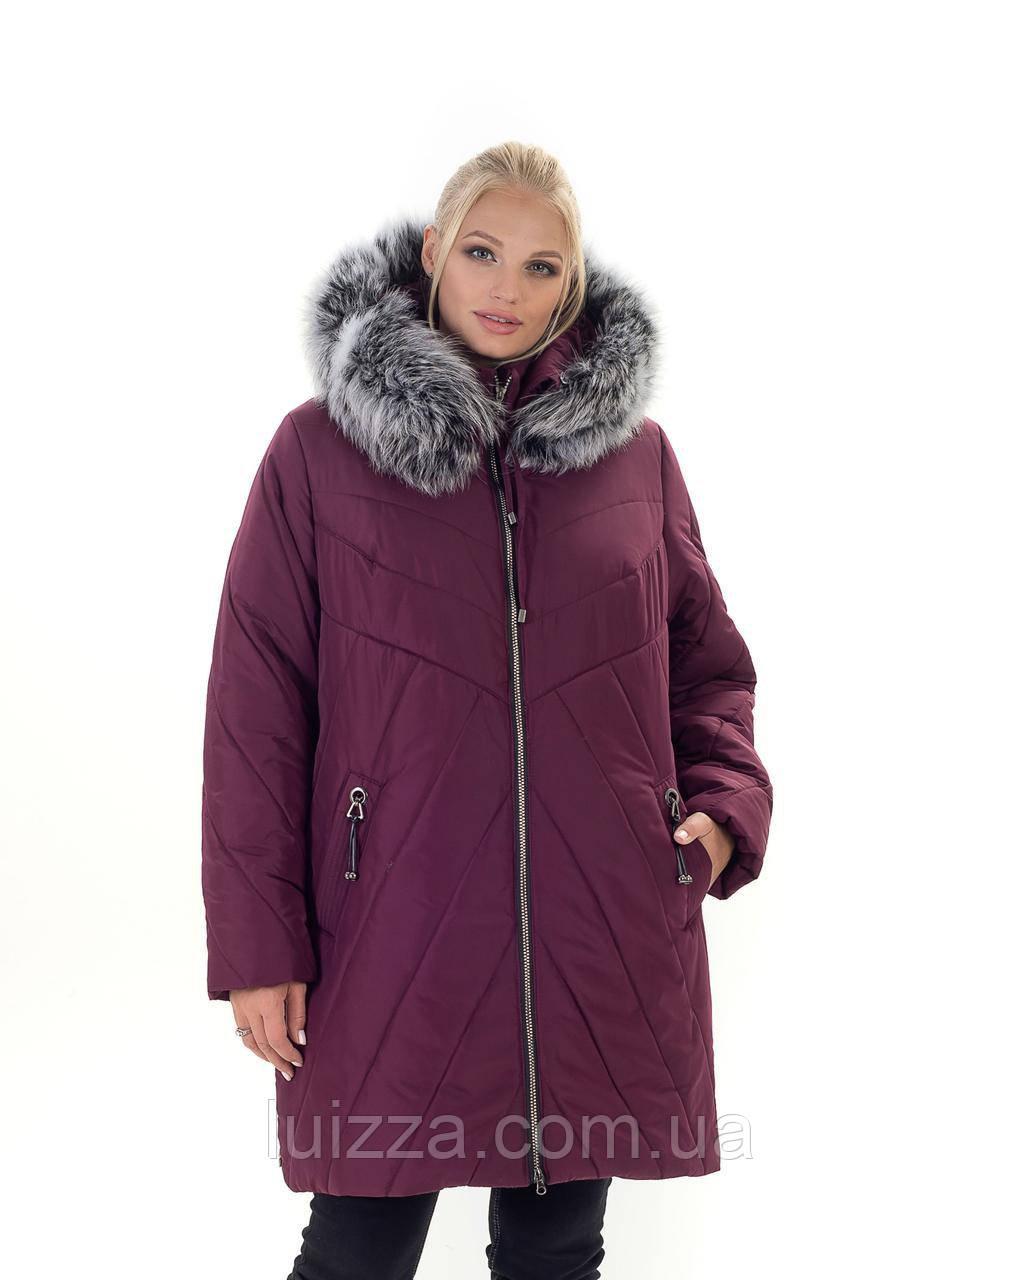 Зимова жіноча куртка 56. 58. рр